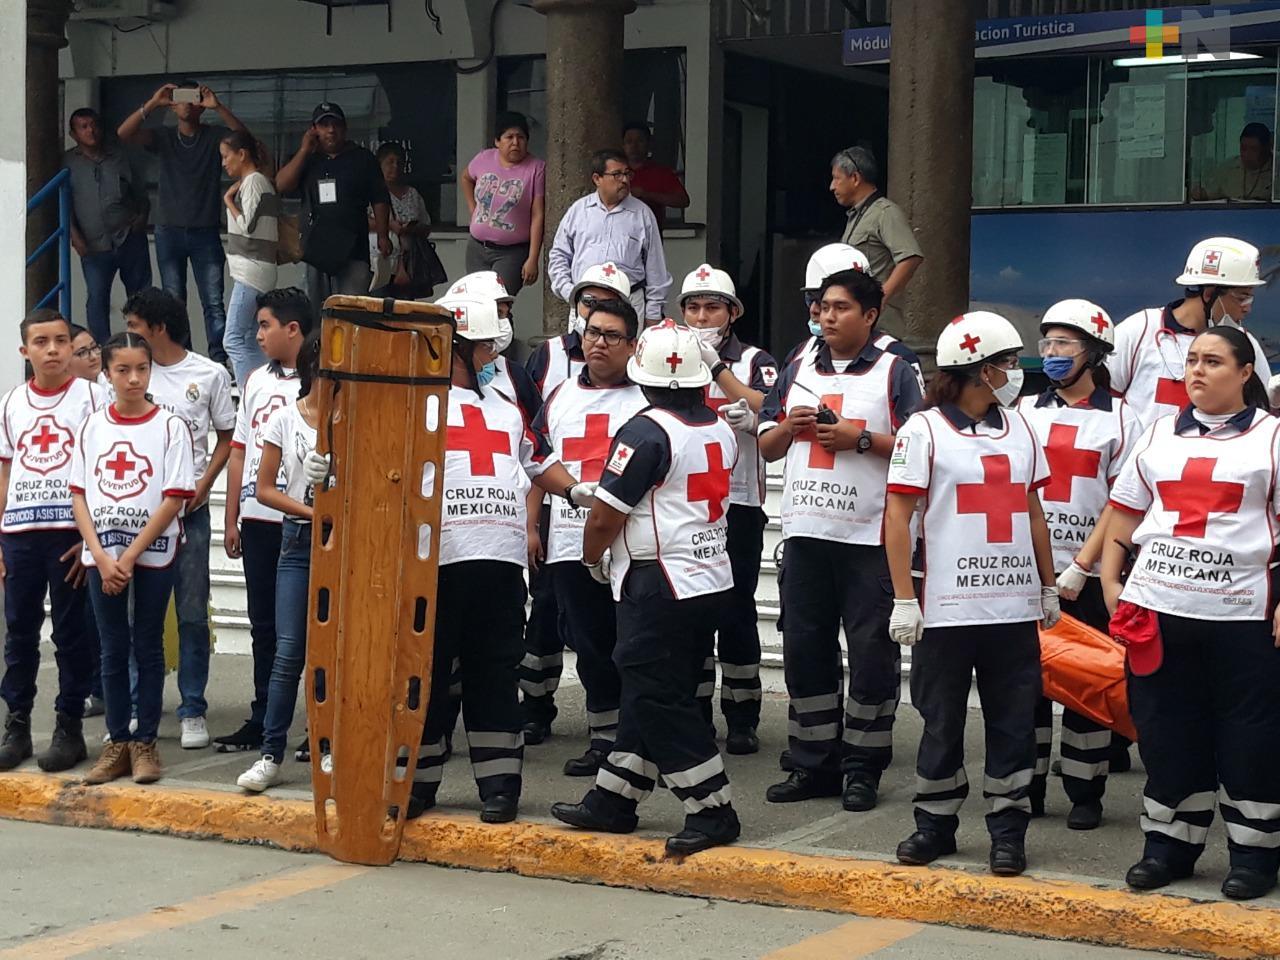 Suspensión de colecta anual pone en jaque a la Cruz Roja